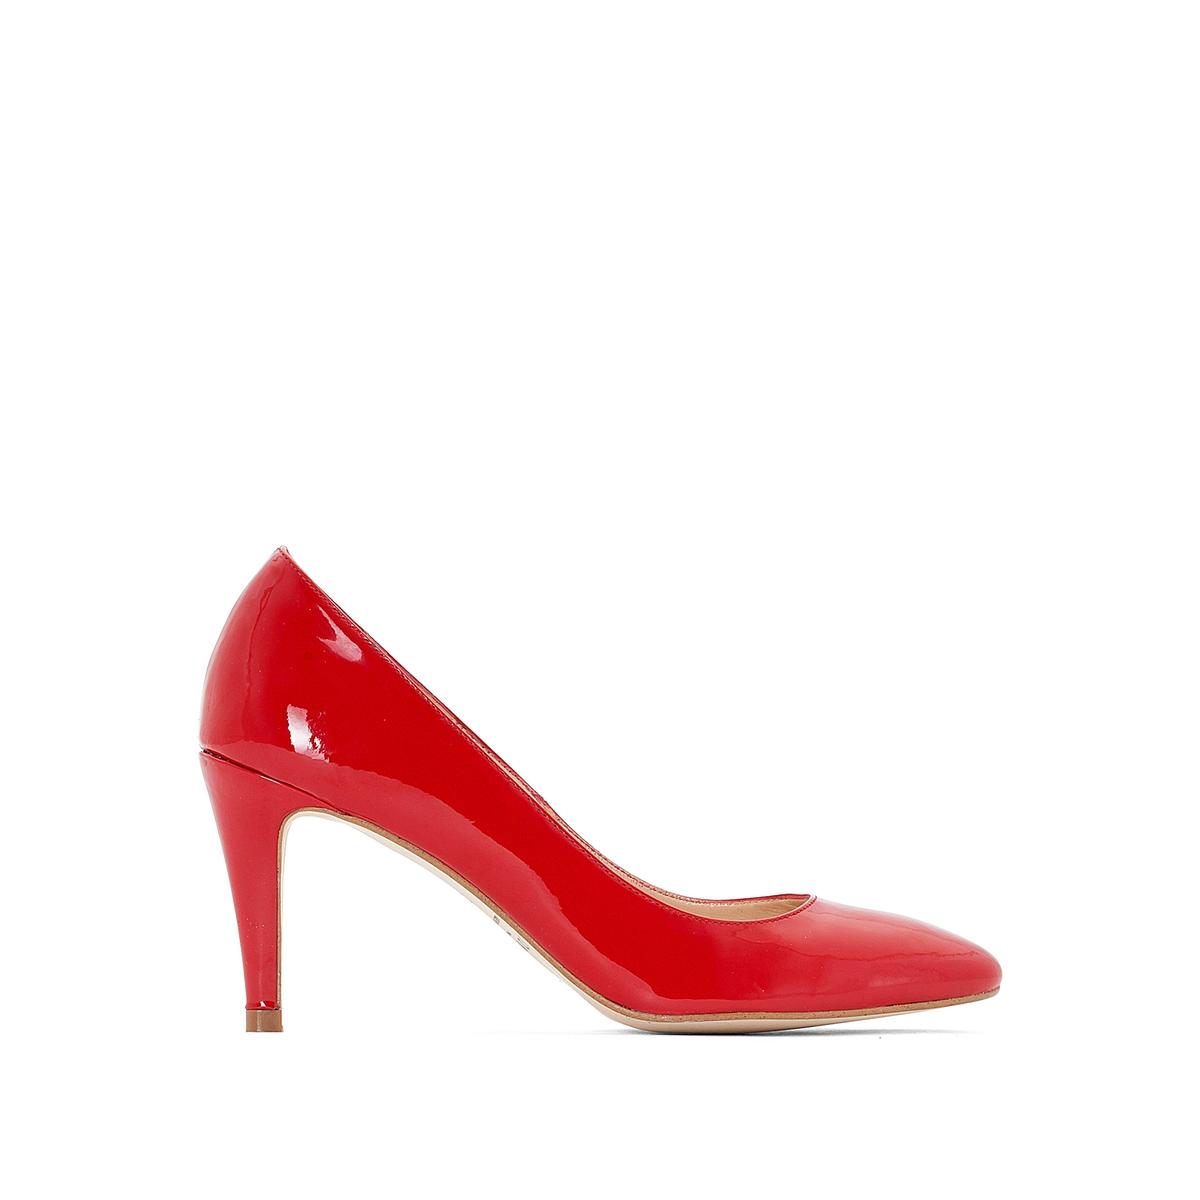 все цены на  Туфли кожаные лакированные 11395  в интернете